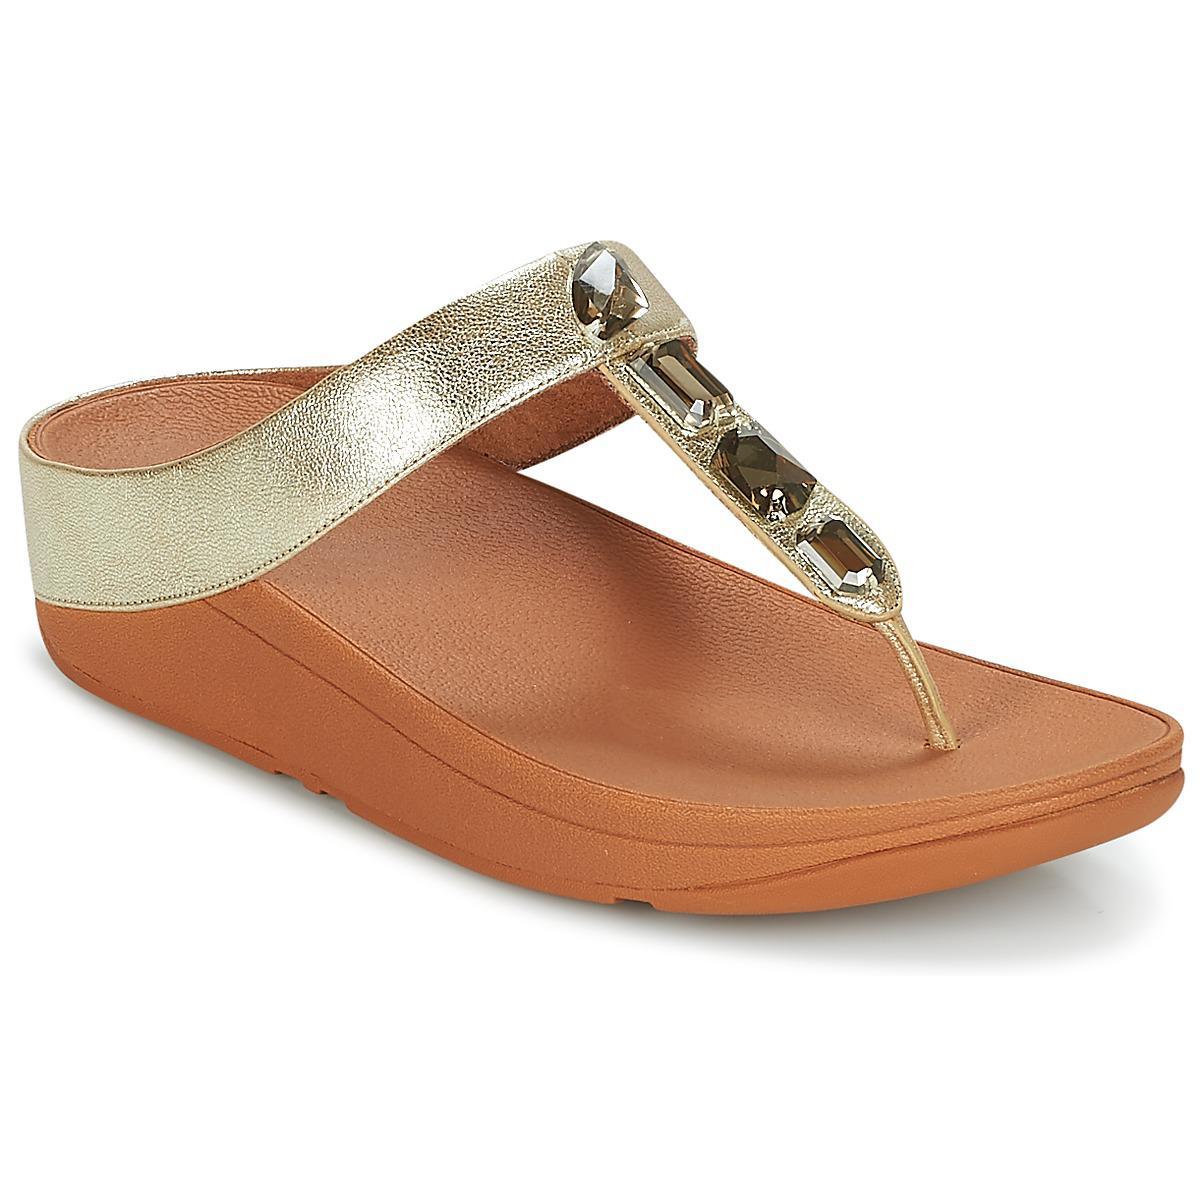 beeeec60e7ca8d Fitflop. Metallic Roka Women s Flip Flops   Sandals (shoes) In Gold